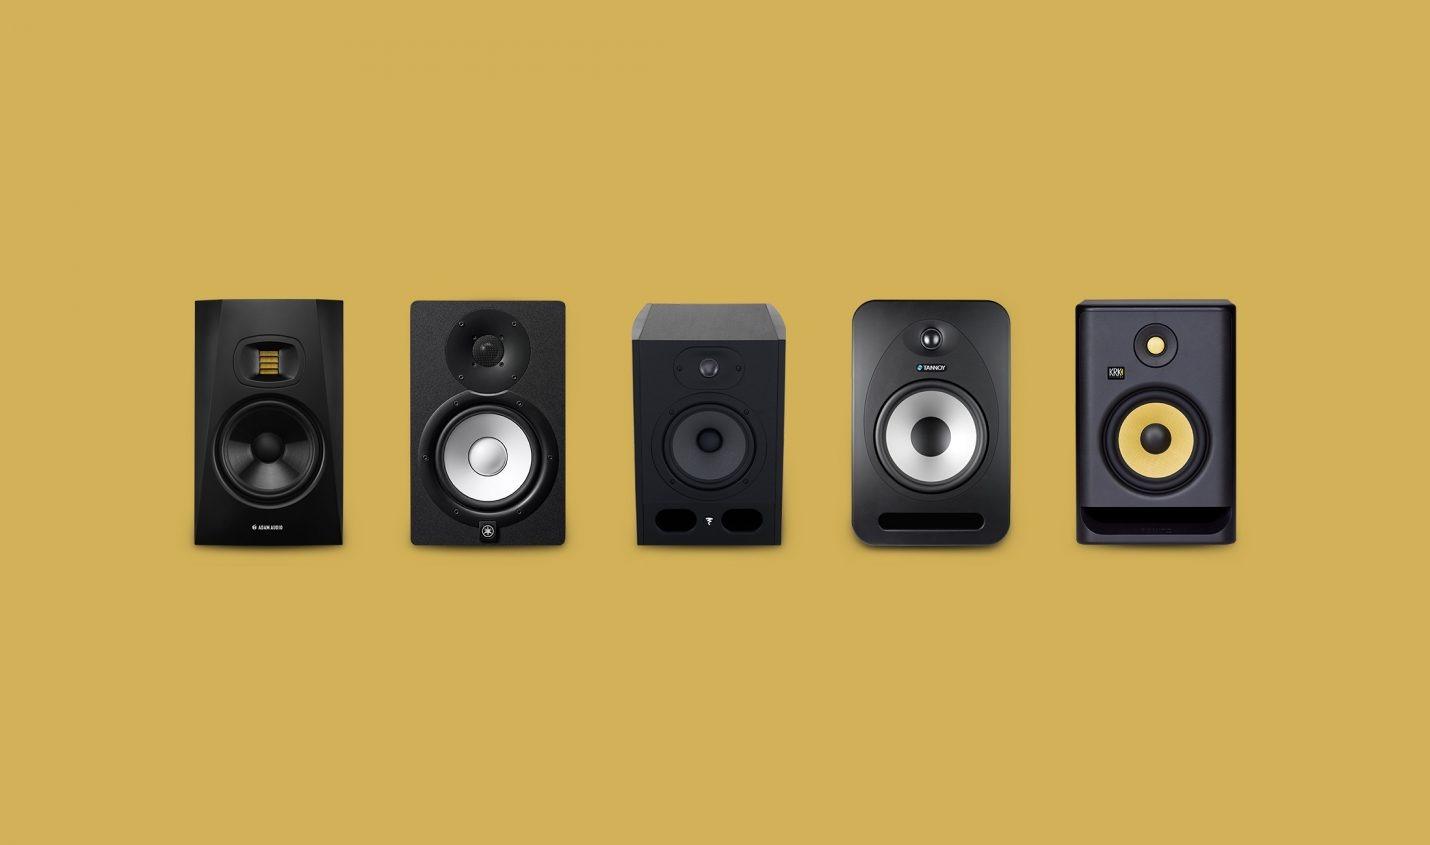 Überblick: Die besten Monitorboxen für DJs